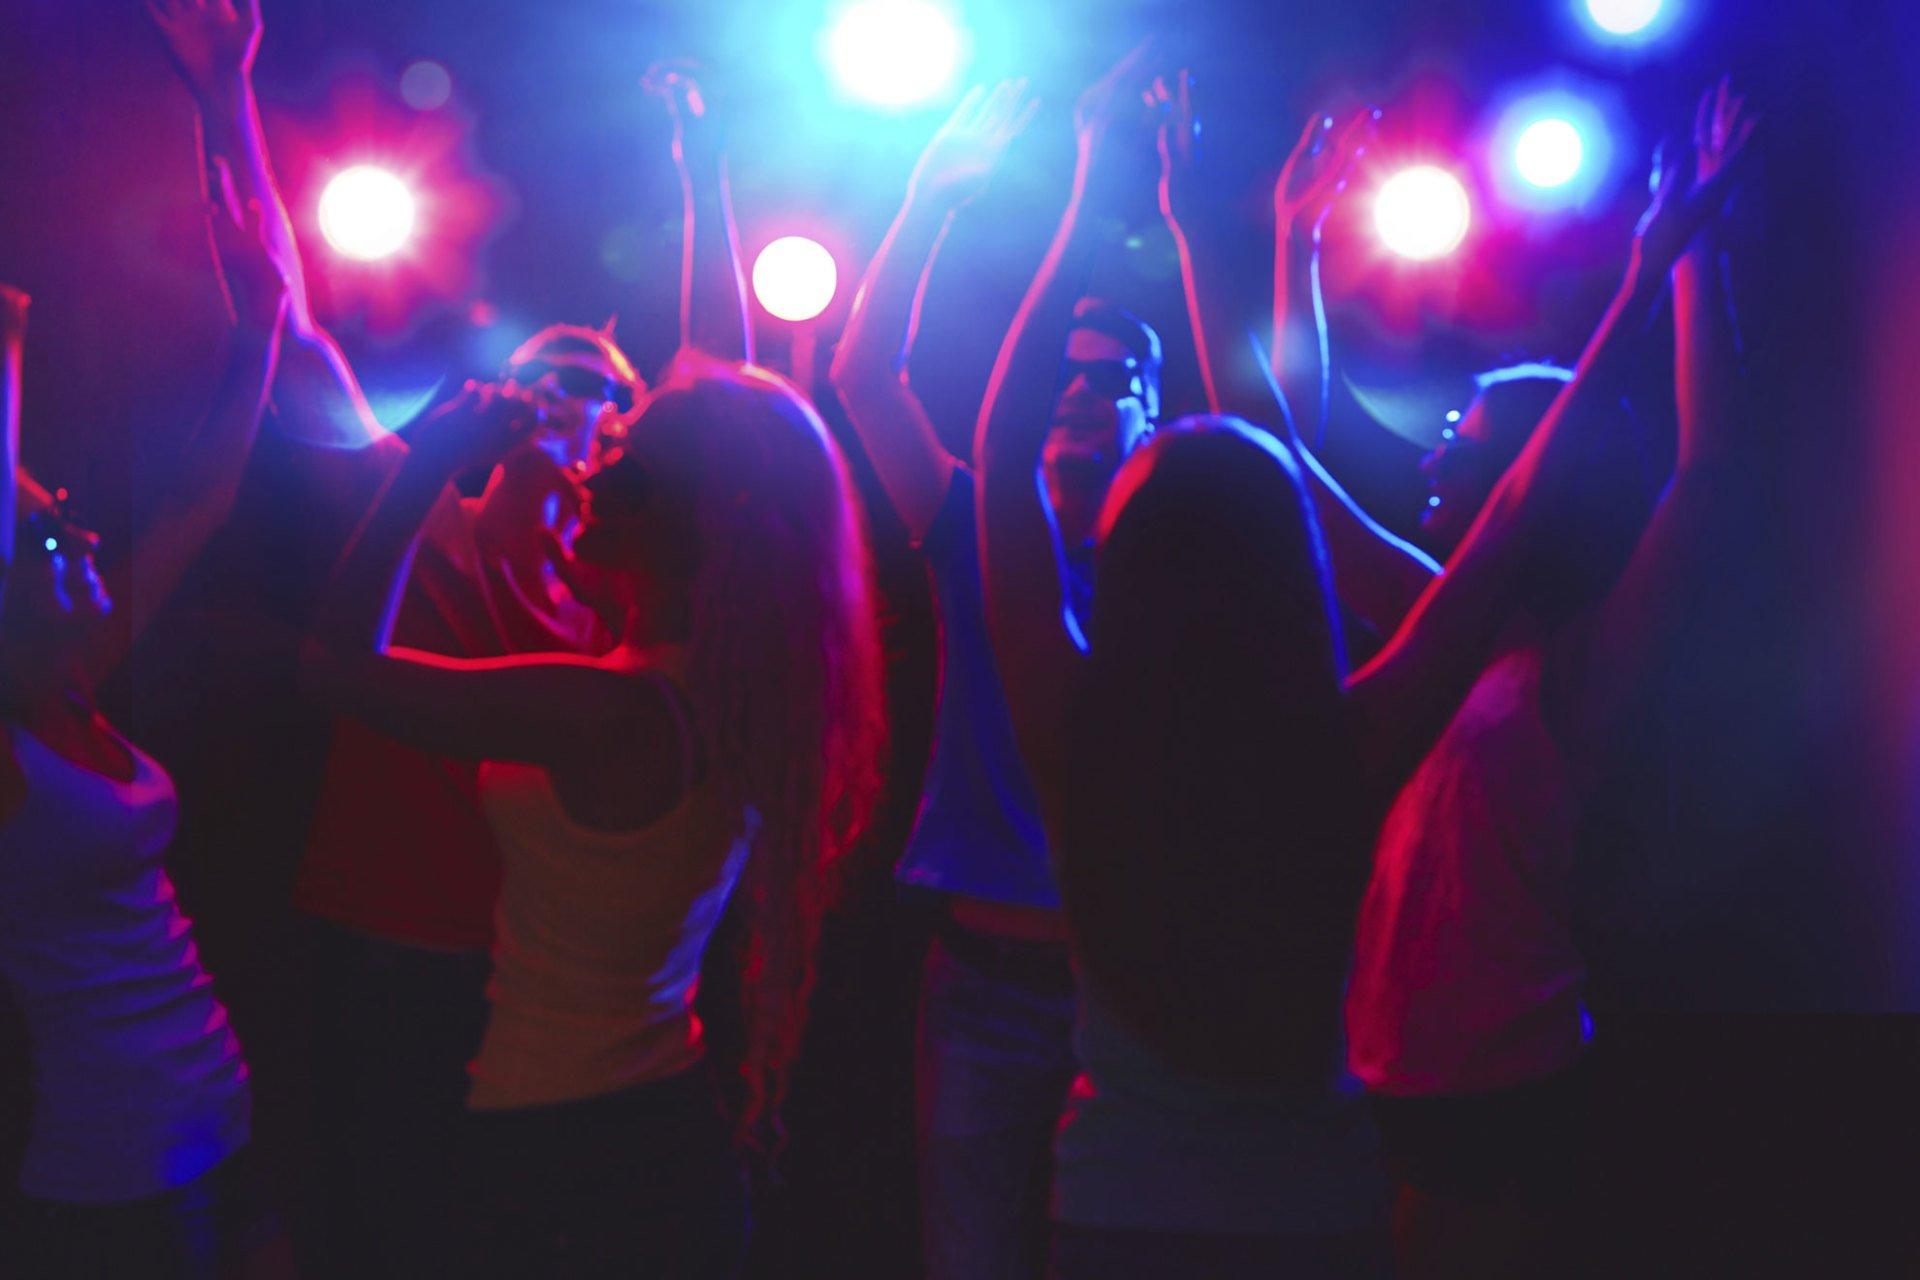 Ночные клубы на екатерининской клуб айкон москва